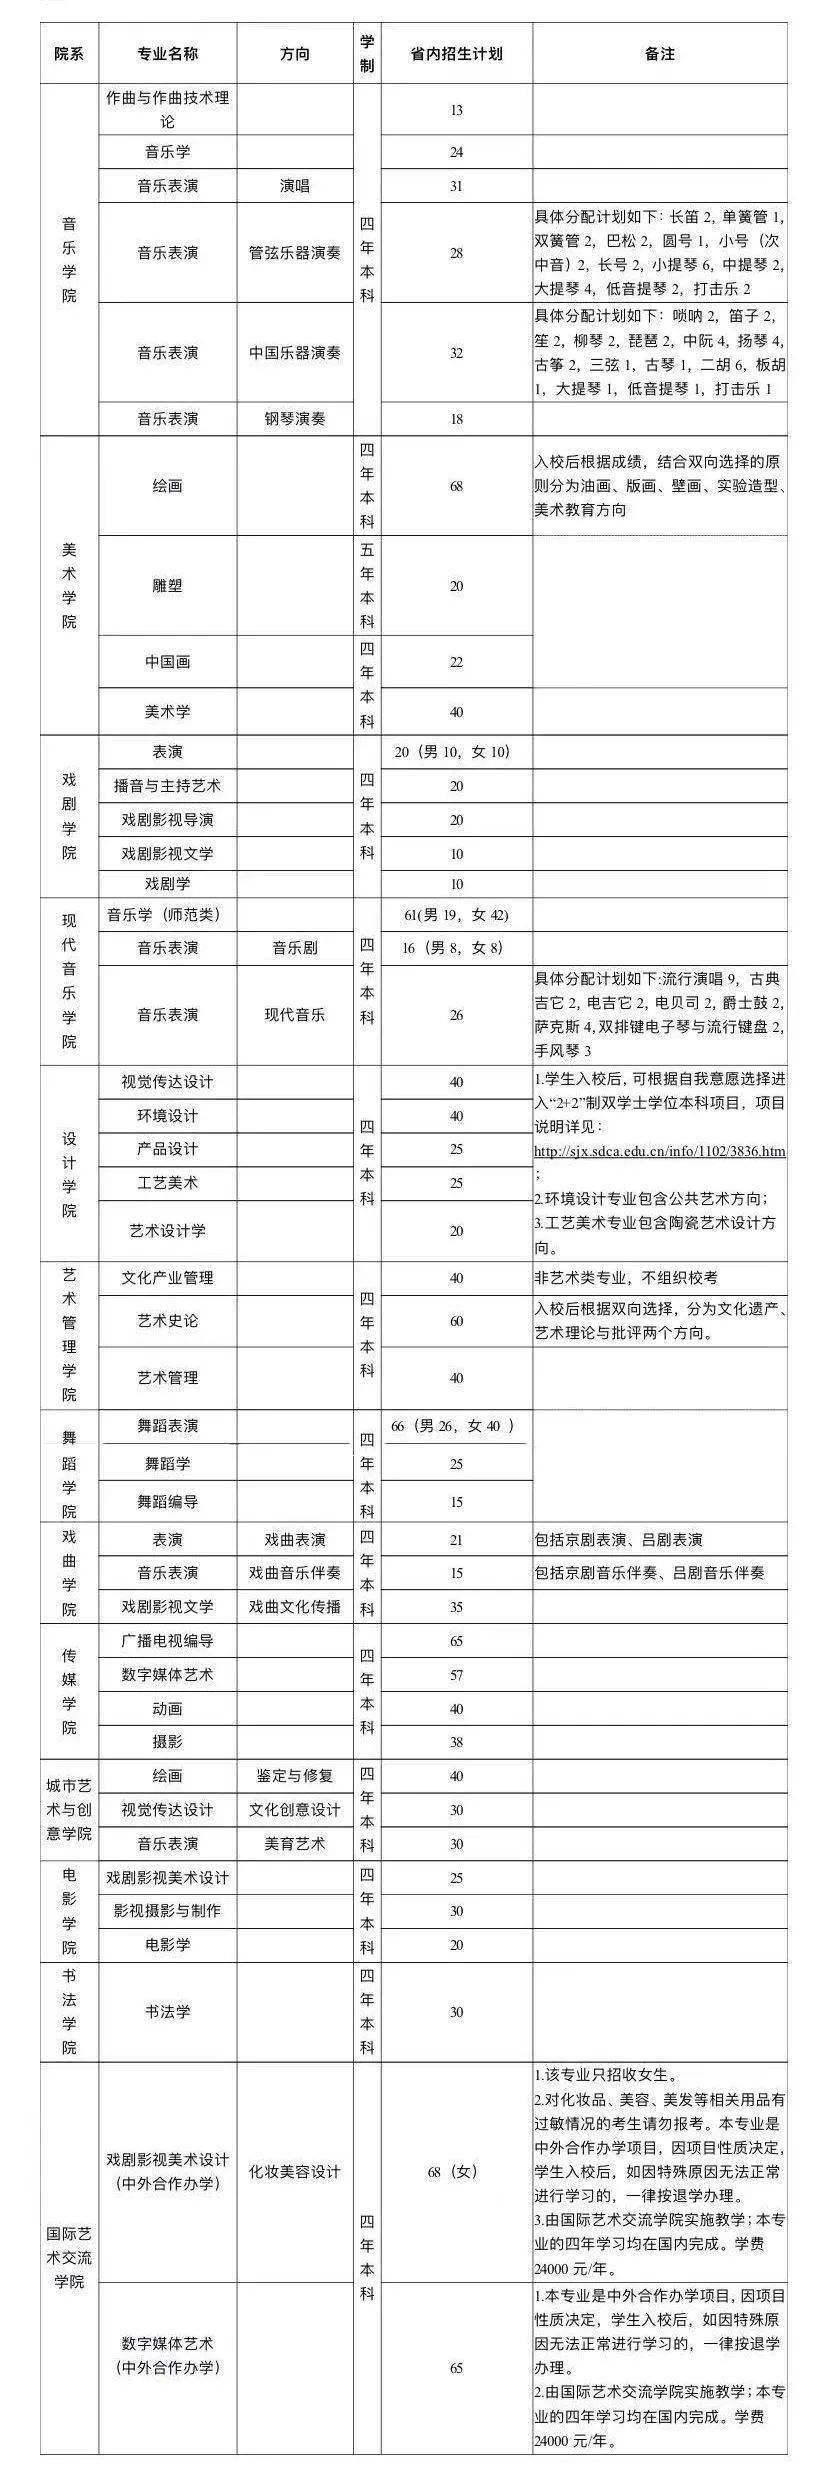 2021年山东艺术学院招生简章(省内)